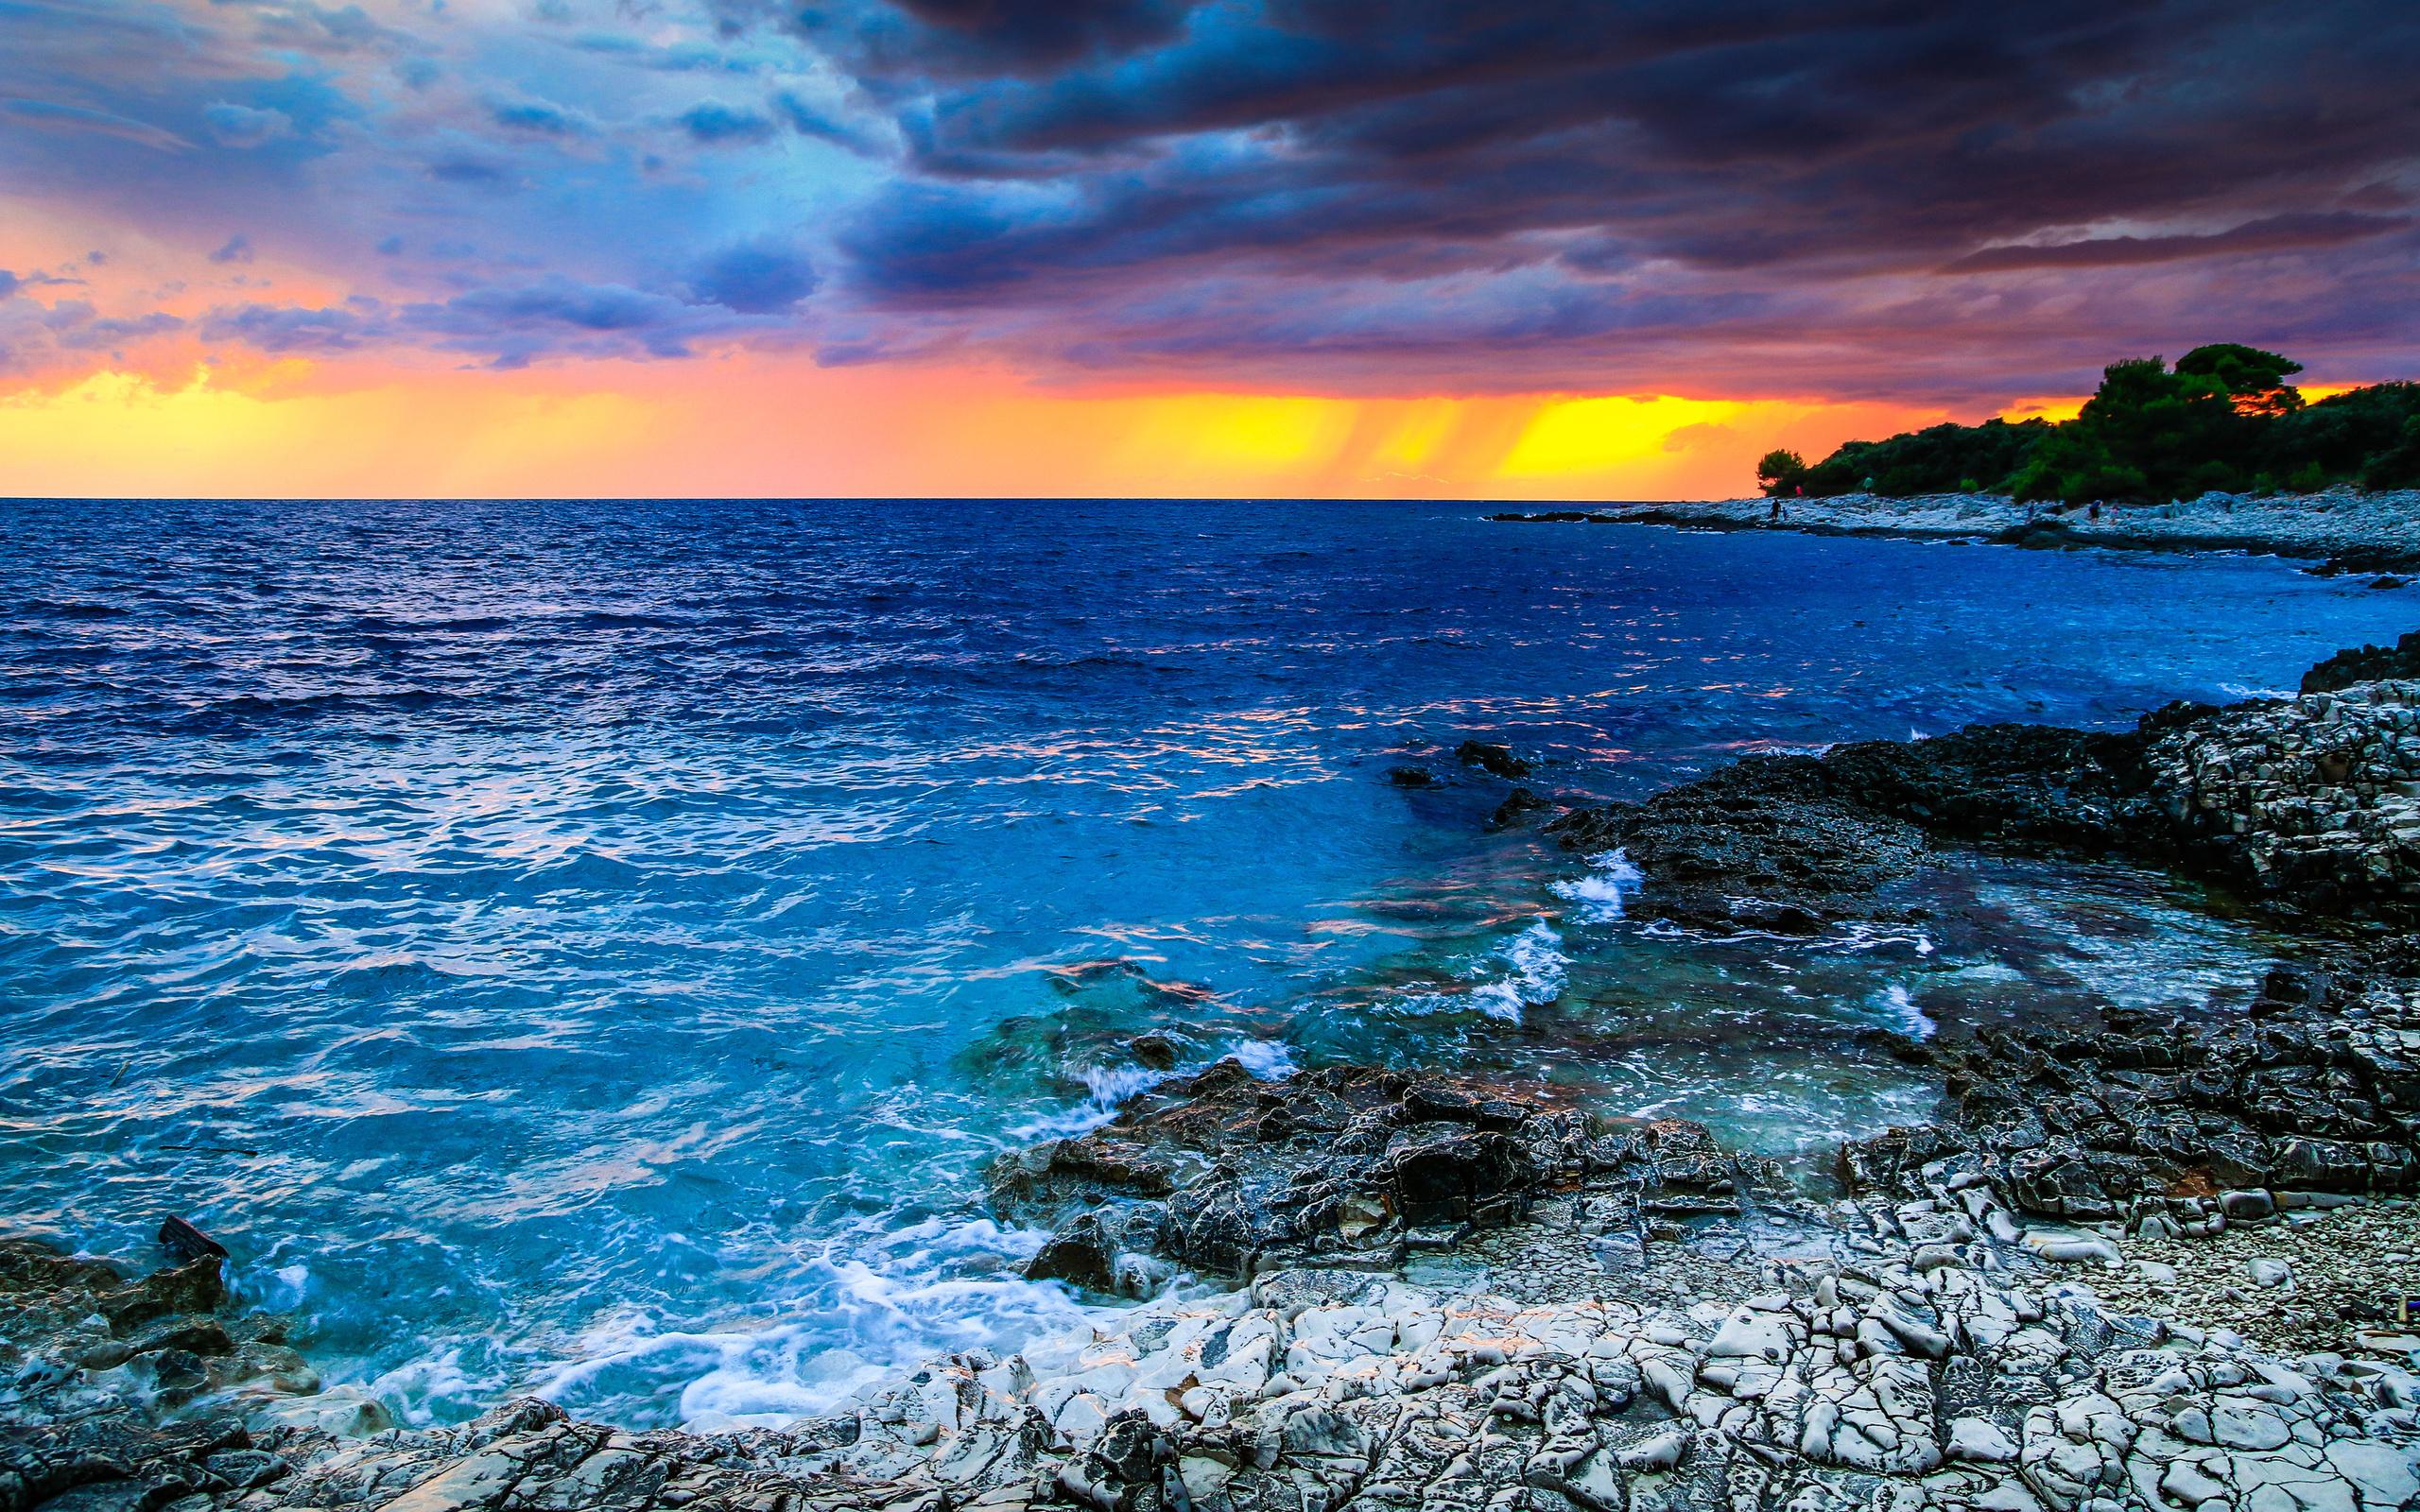 цветные моря картинки пива, истории связанные